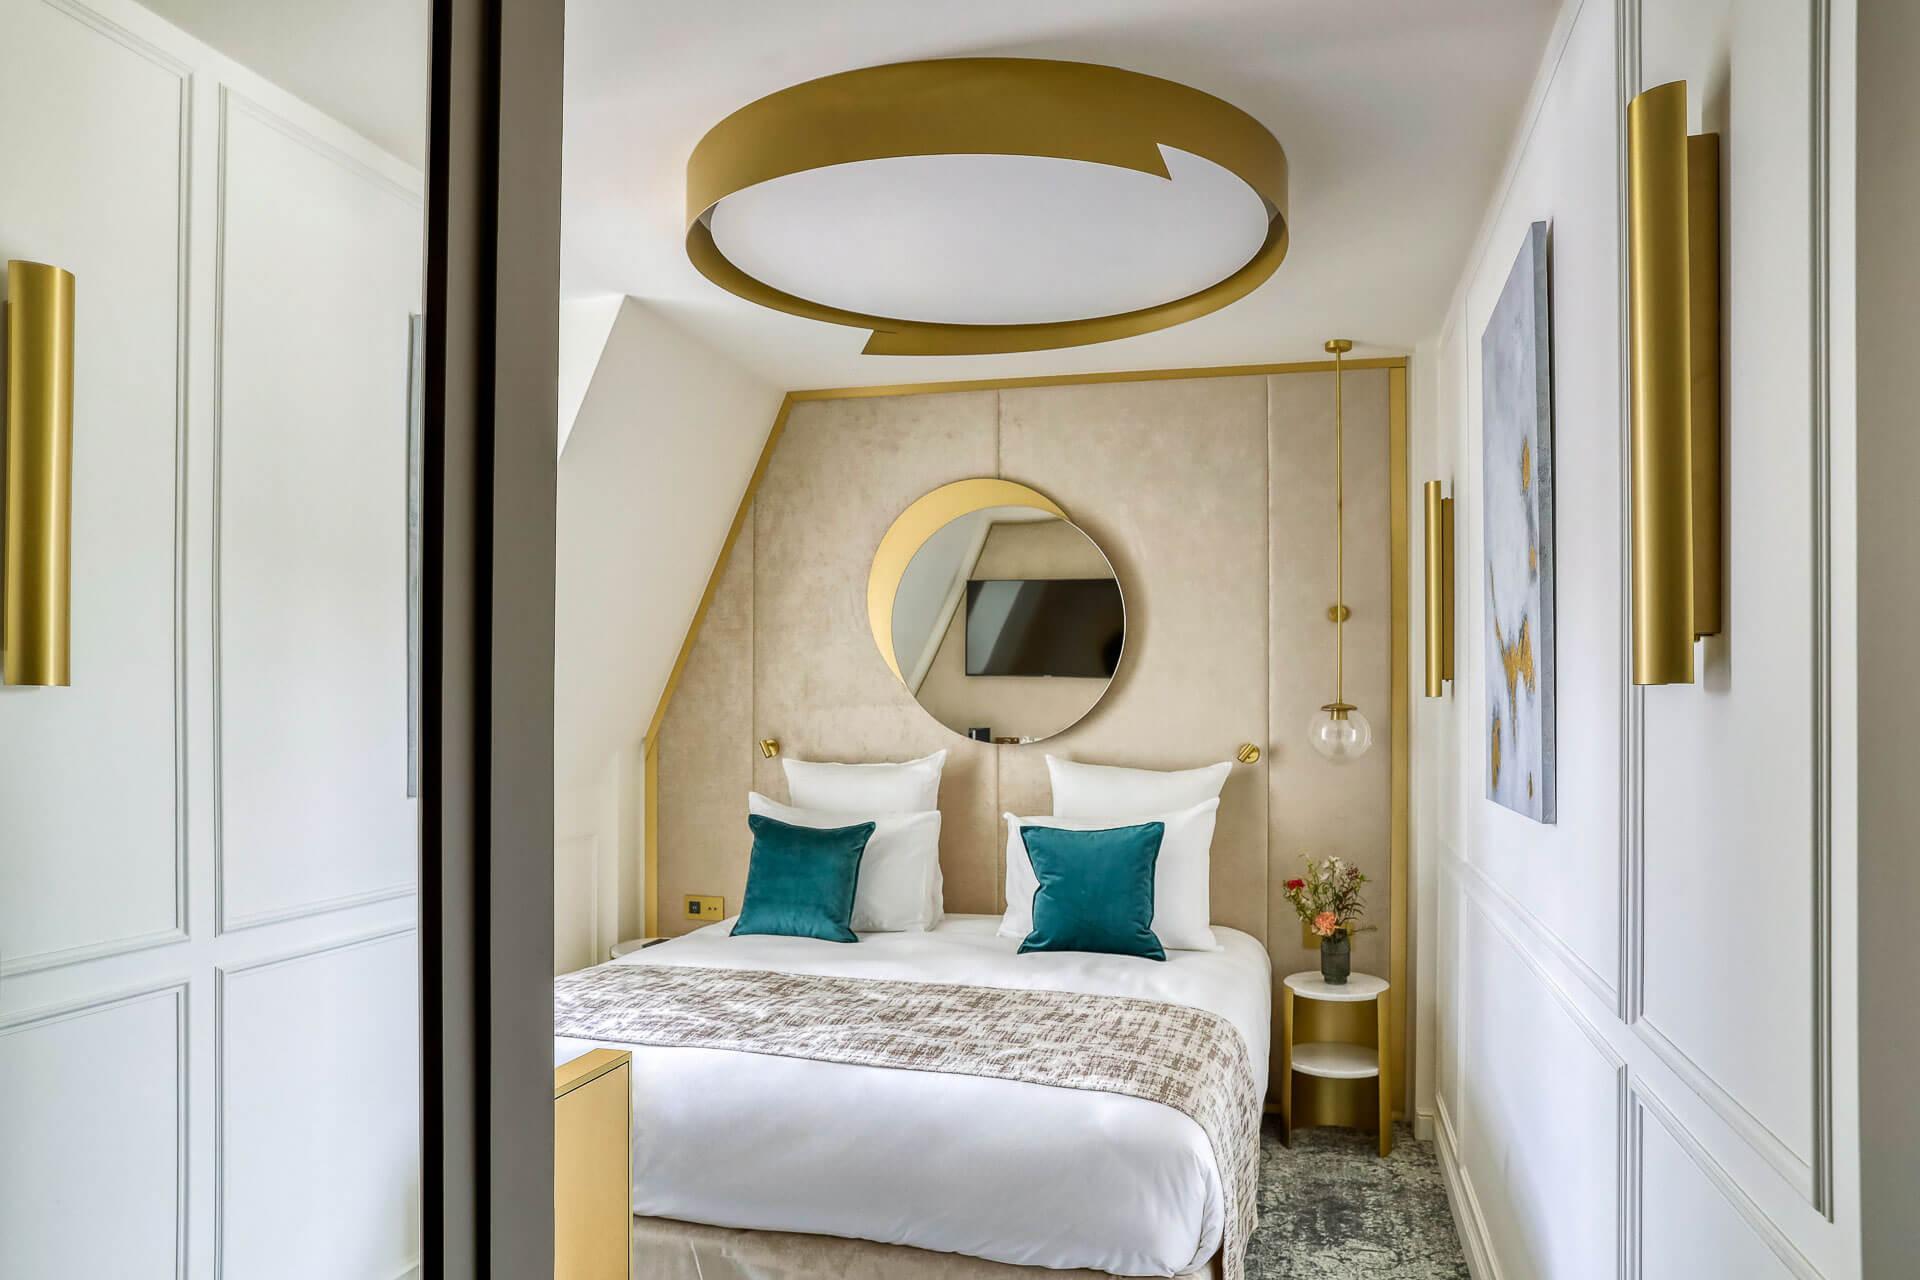 Chambre Supérieure au Maison Albar Hotels Le Vendome© Meero